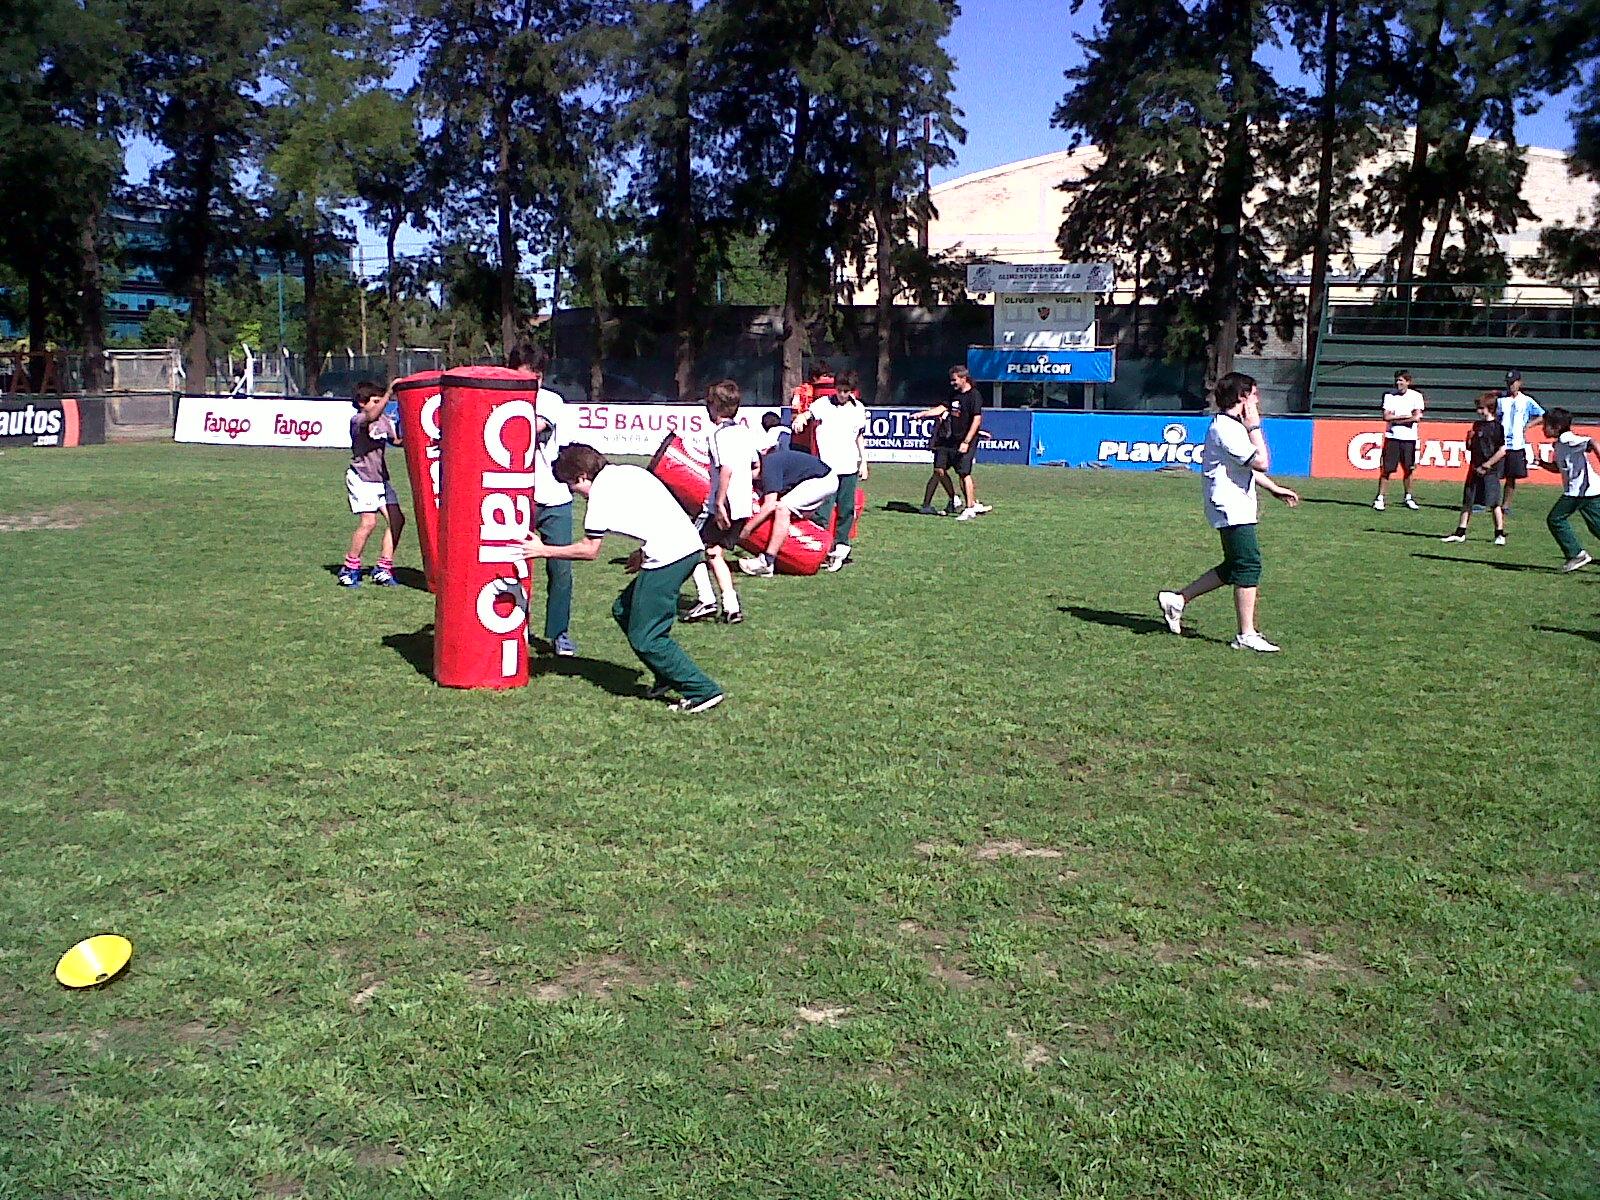 20121031_scouting-sangabriel_01